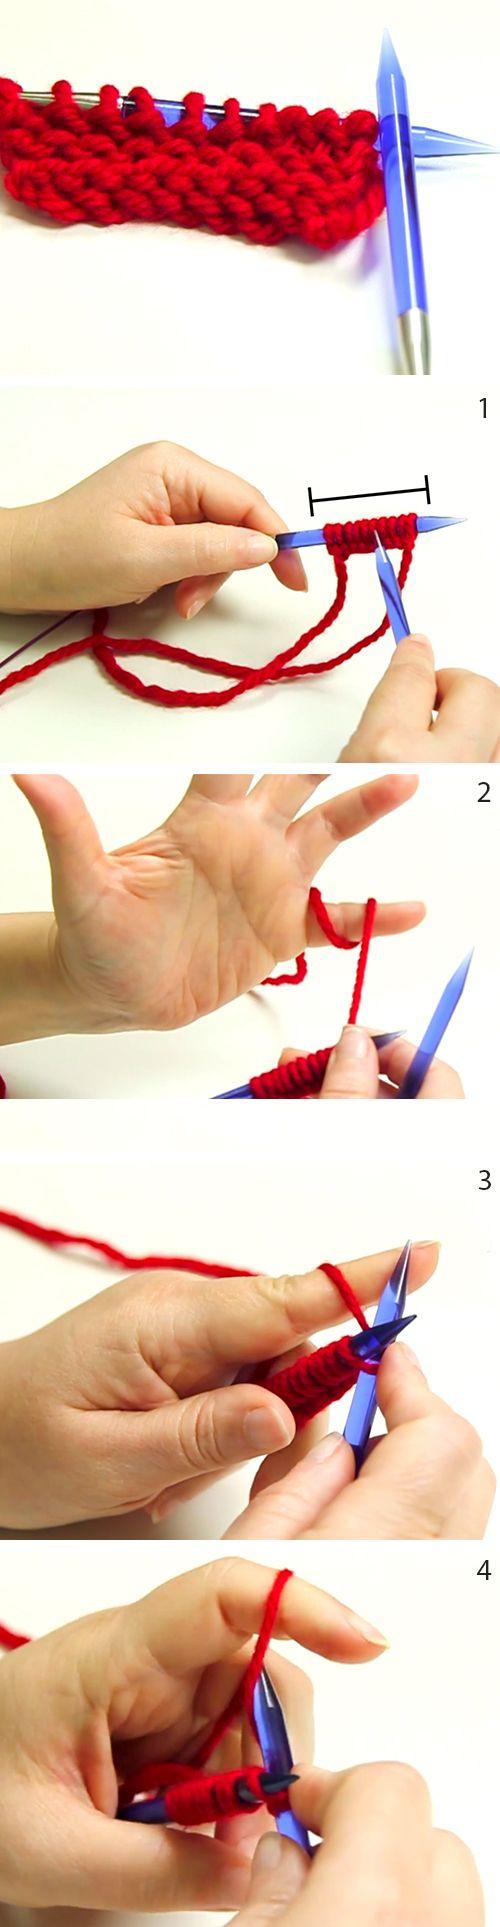 Punto dritto e tecnica continentale: impara con noi i punti base per lavorare a maglia!